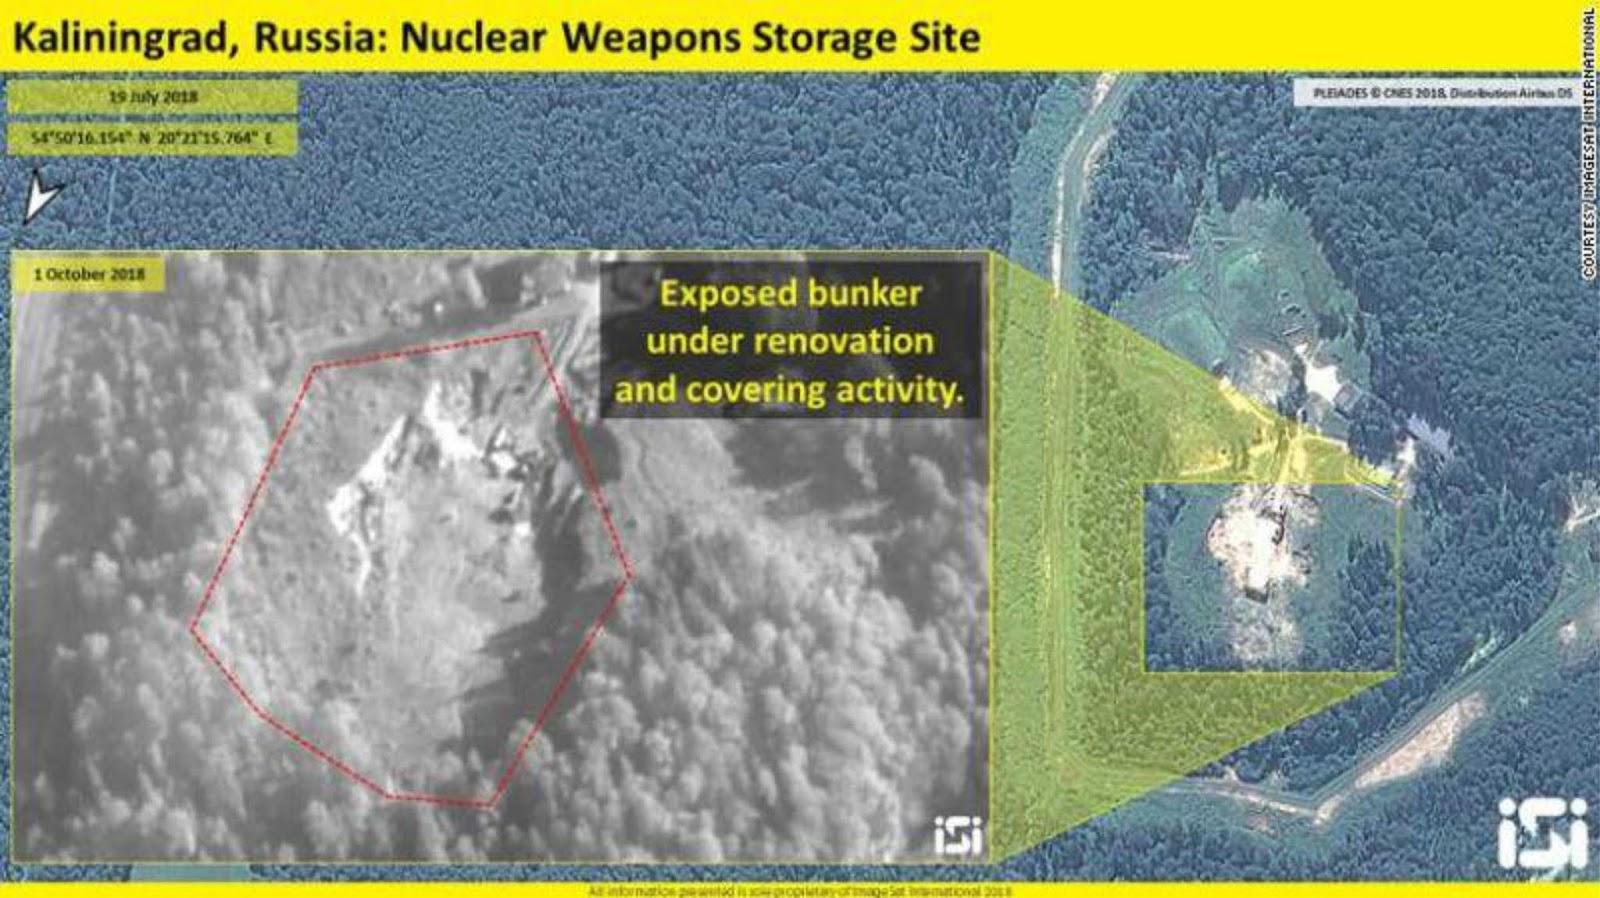 Citra satelit baru menunjukan tentang penumpukan senjata Rusia di kawasan strategis Baltik